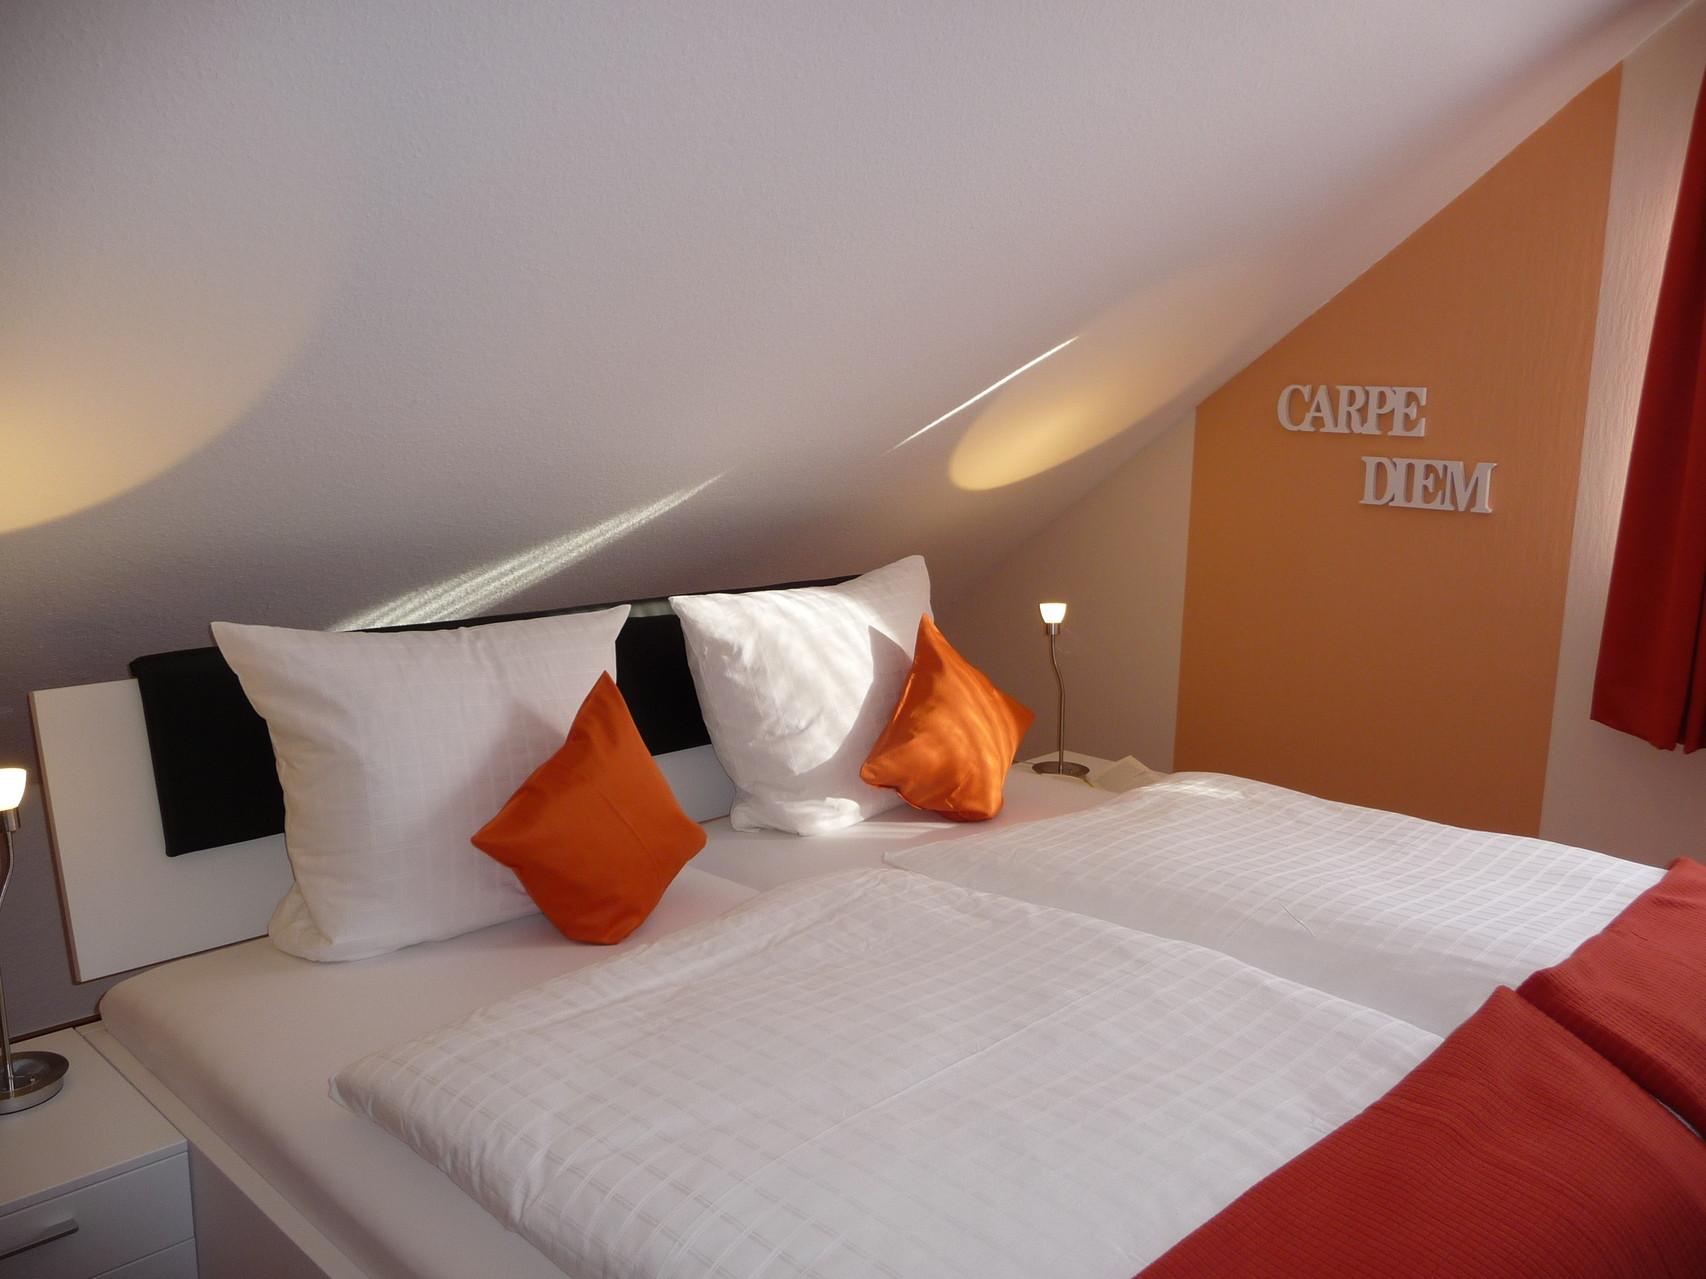 Komfort Zimmer 3 - Wohlfühlen in Orange - Energie, Freude und Wärme!